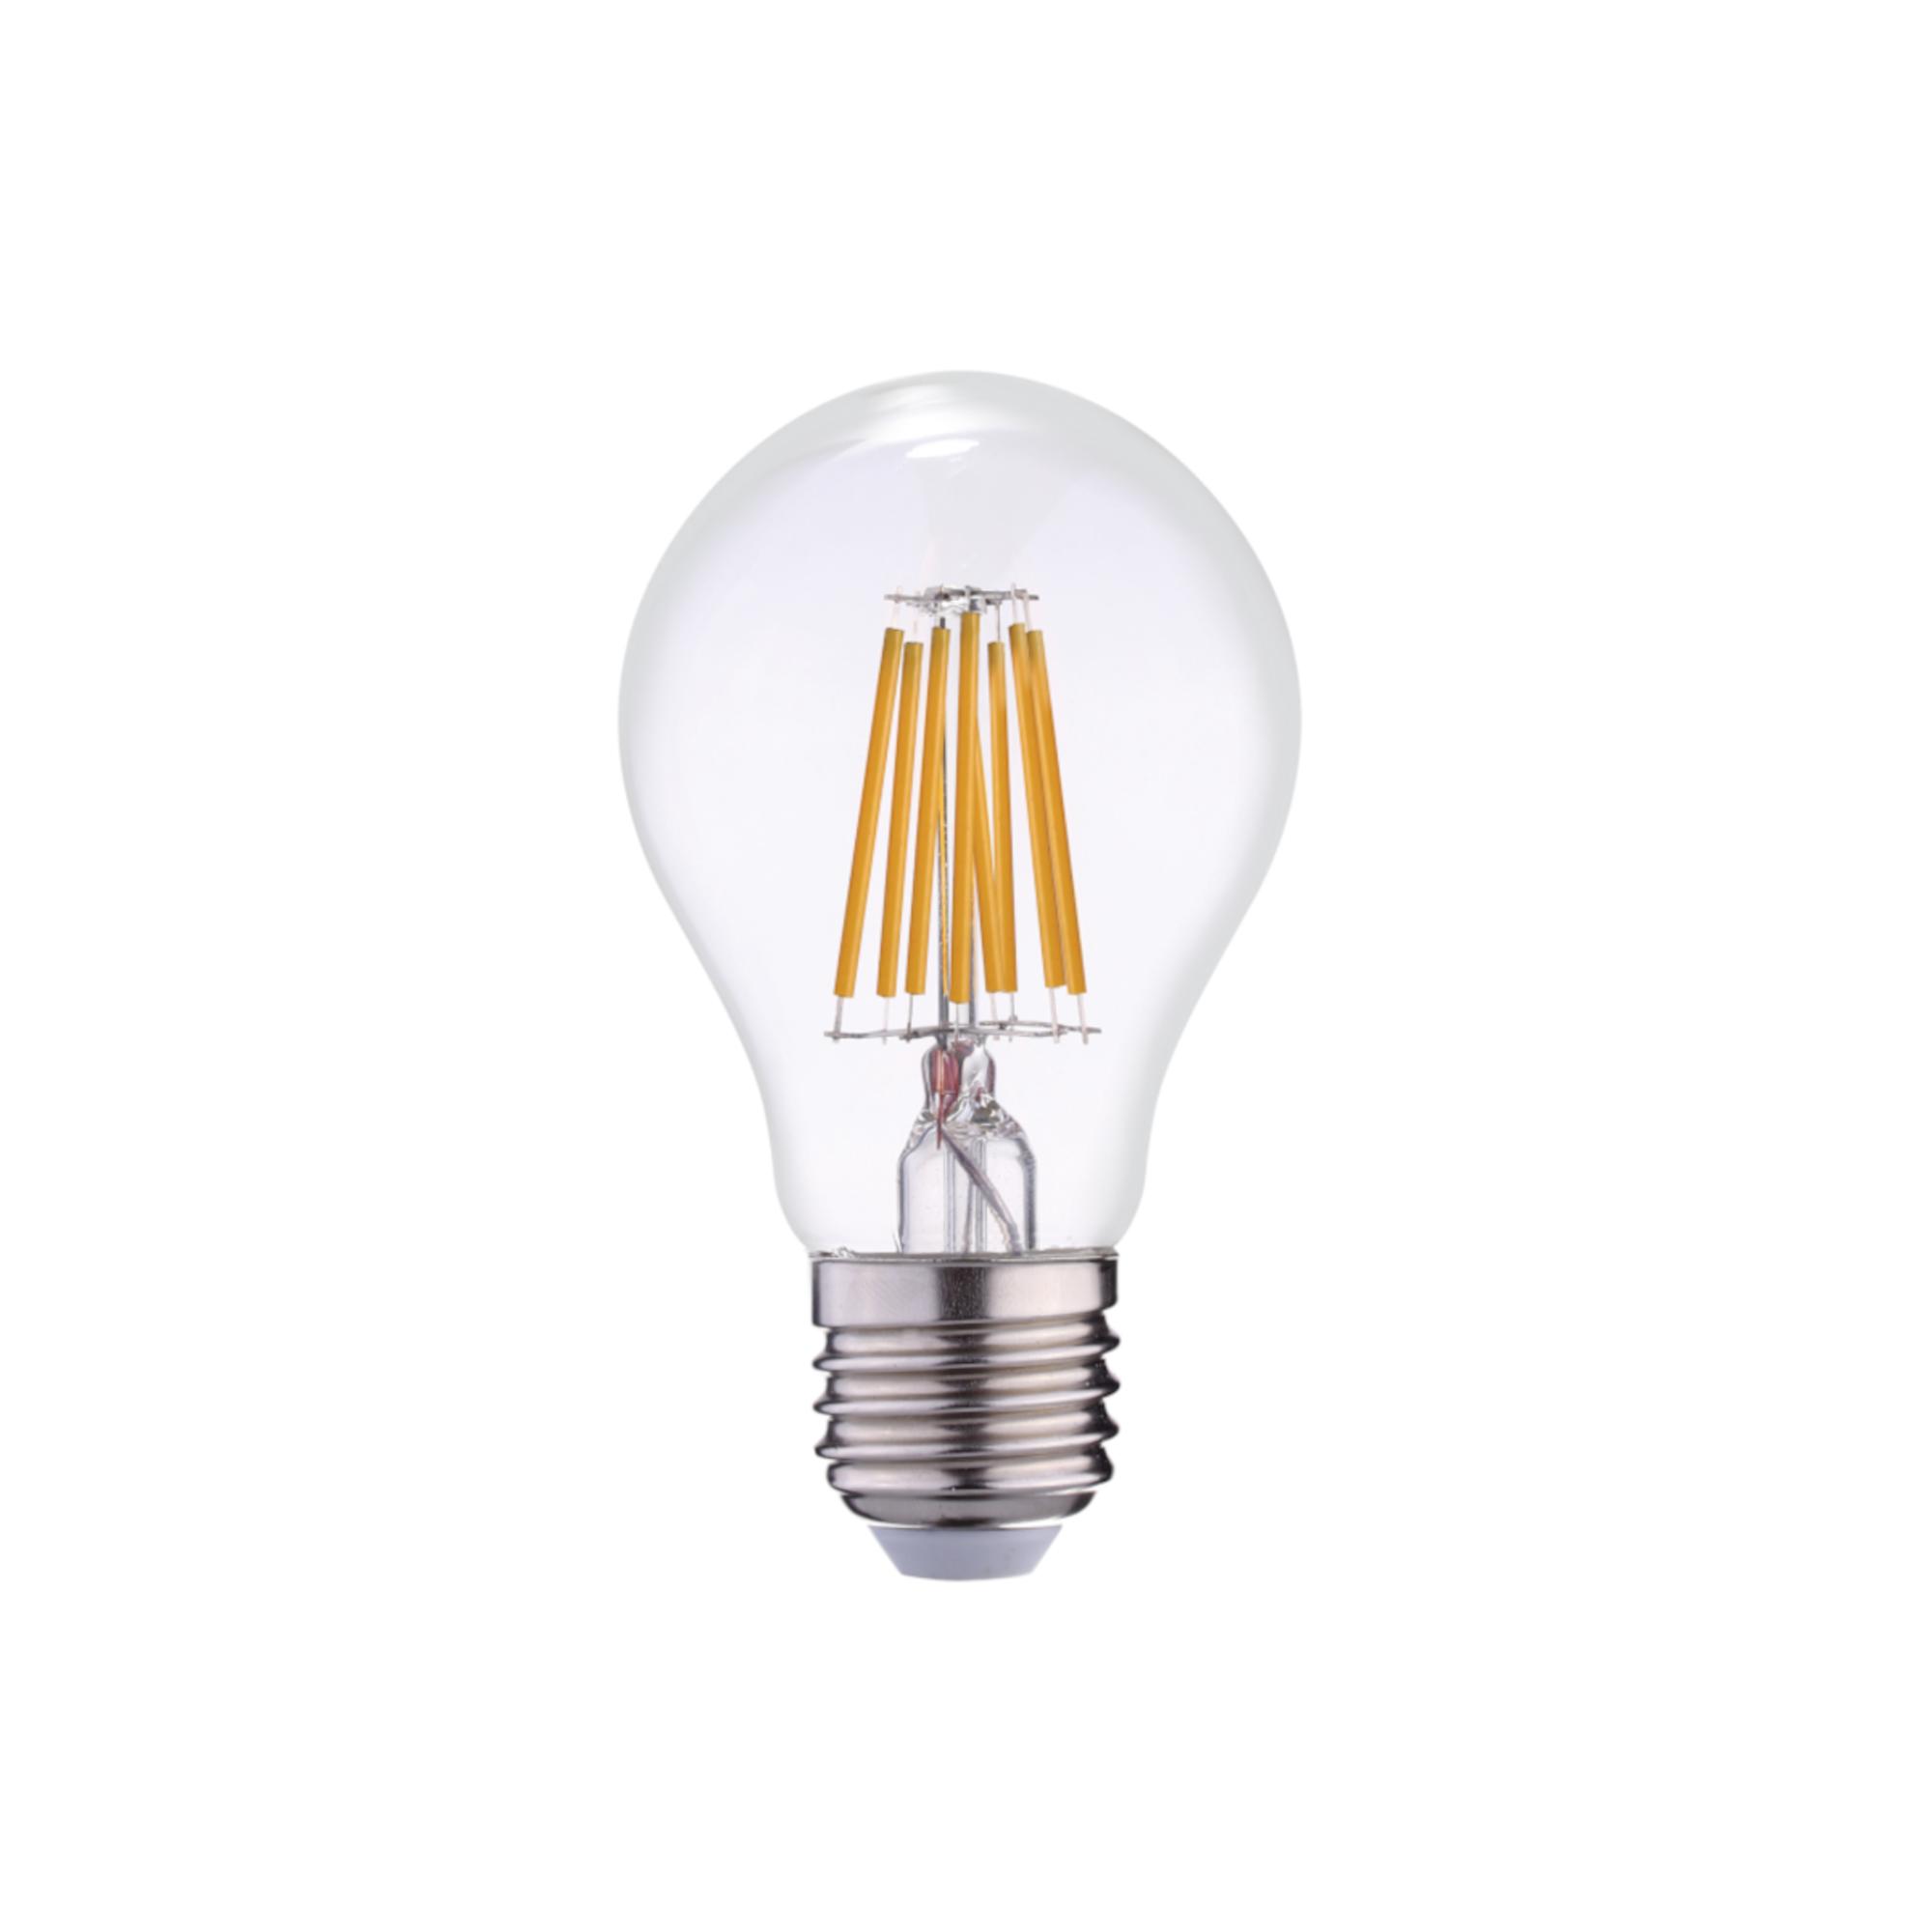 Светодиодная лампочка Фотон 23043 E27 860 Лм 8 Вт